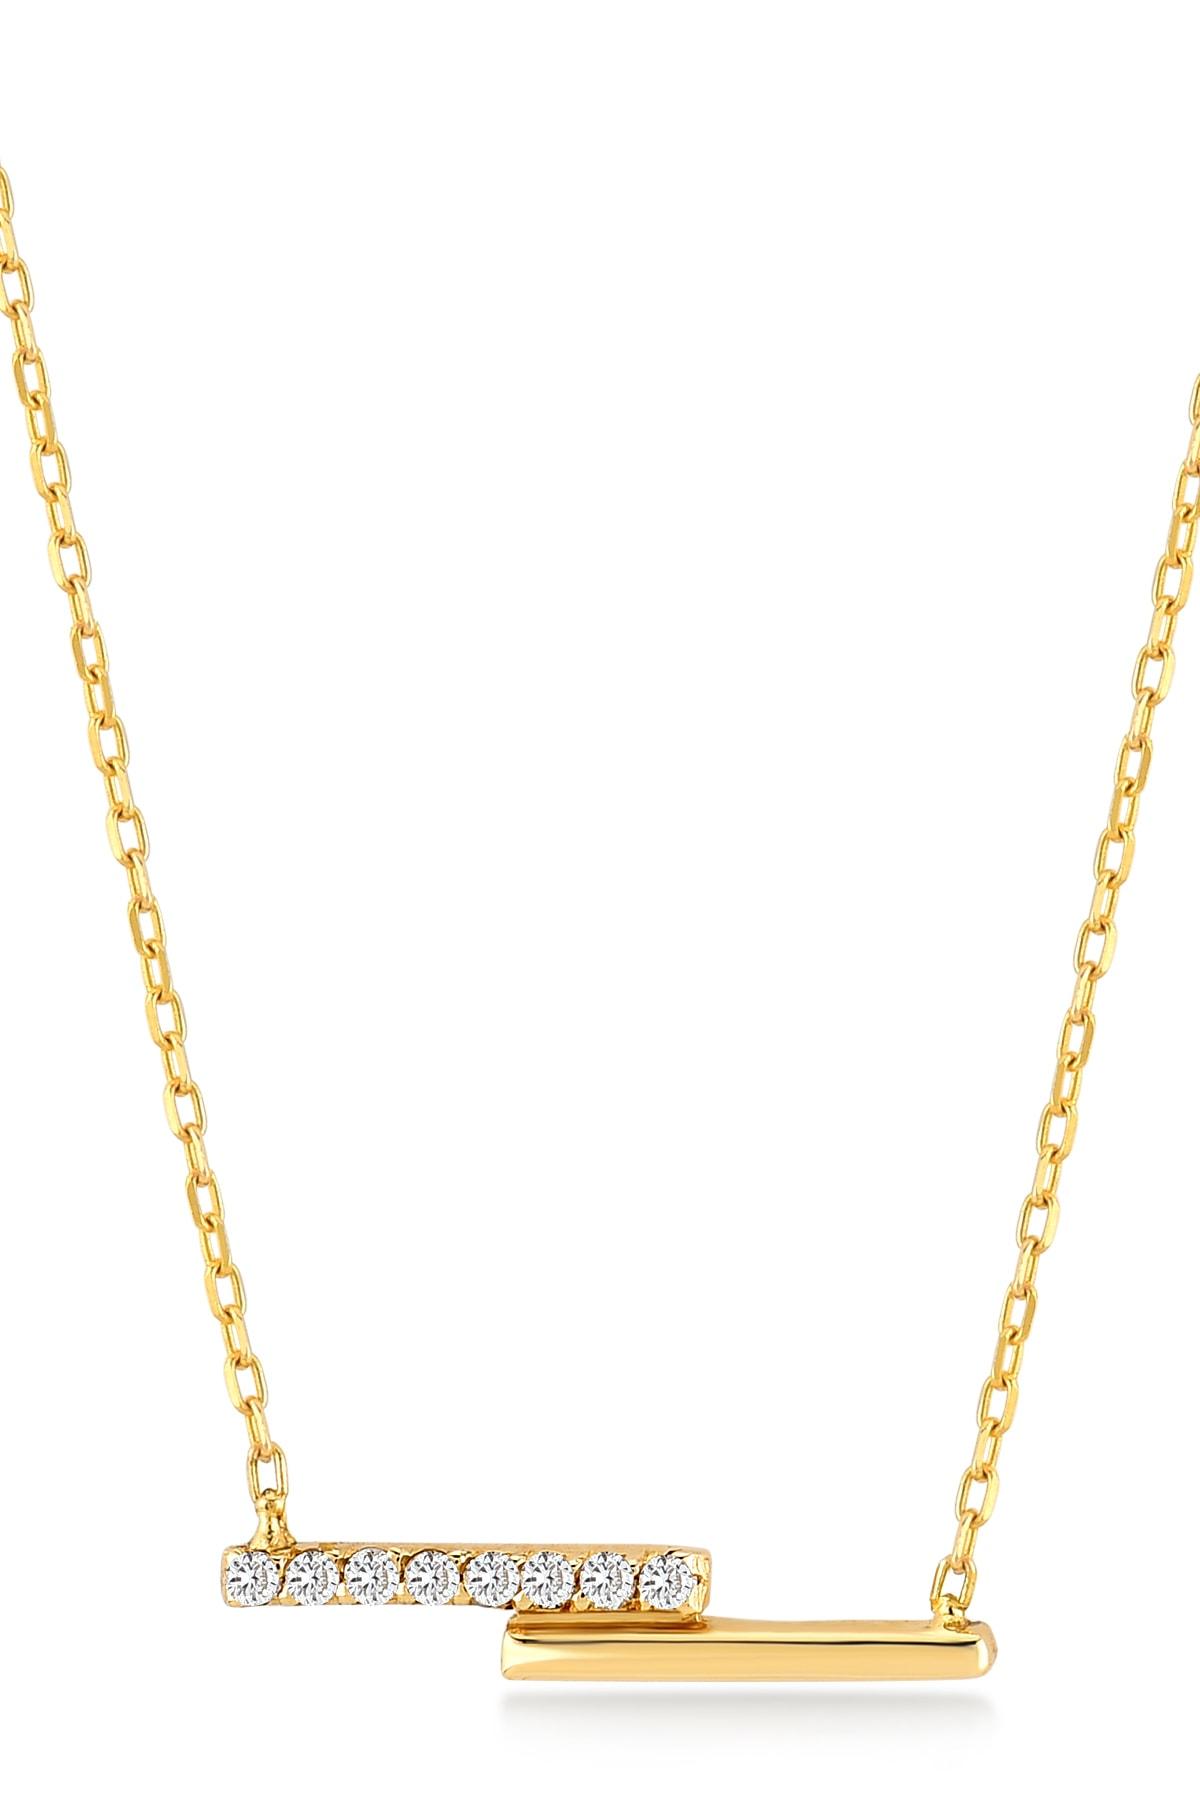 Gelin Pırlanta Kadın Altın Diamond Çift Bar Pırlanta Kolye 1